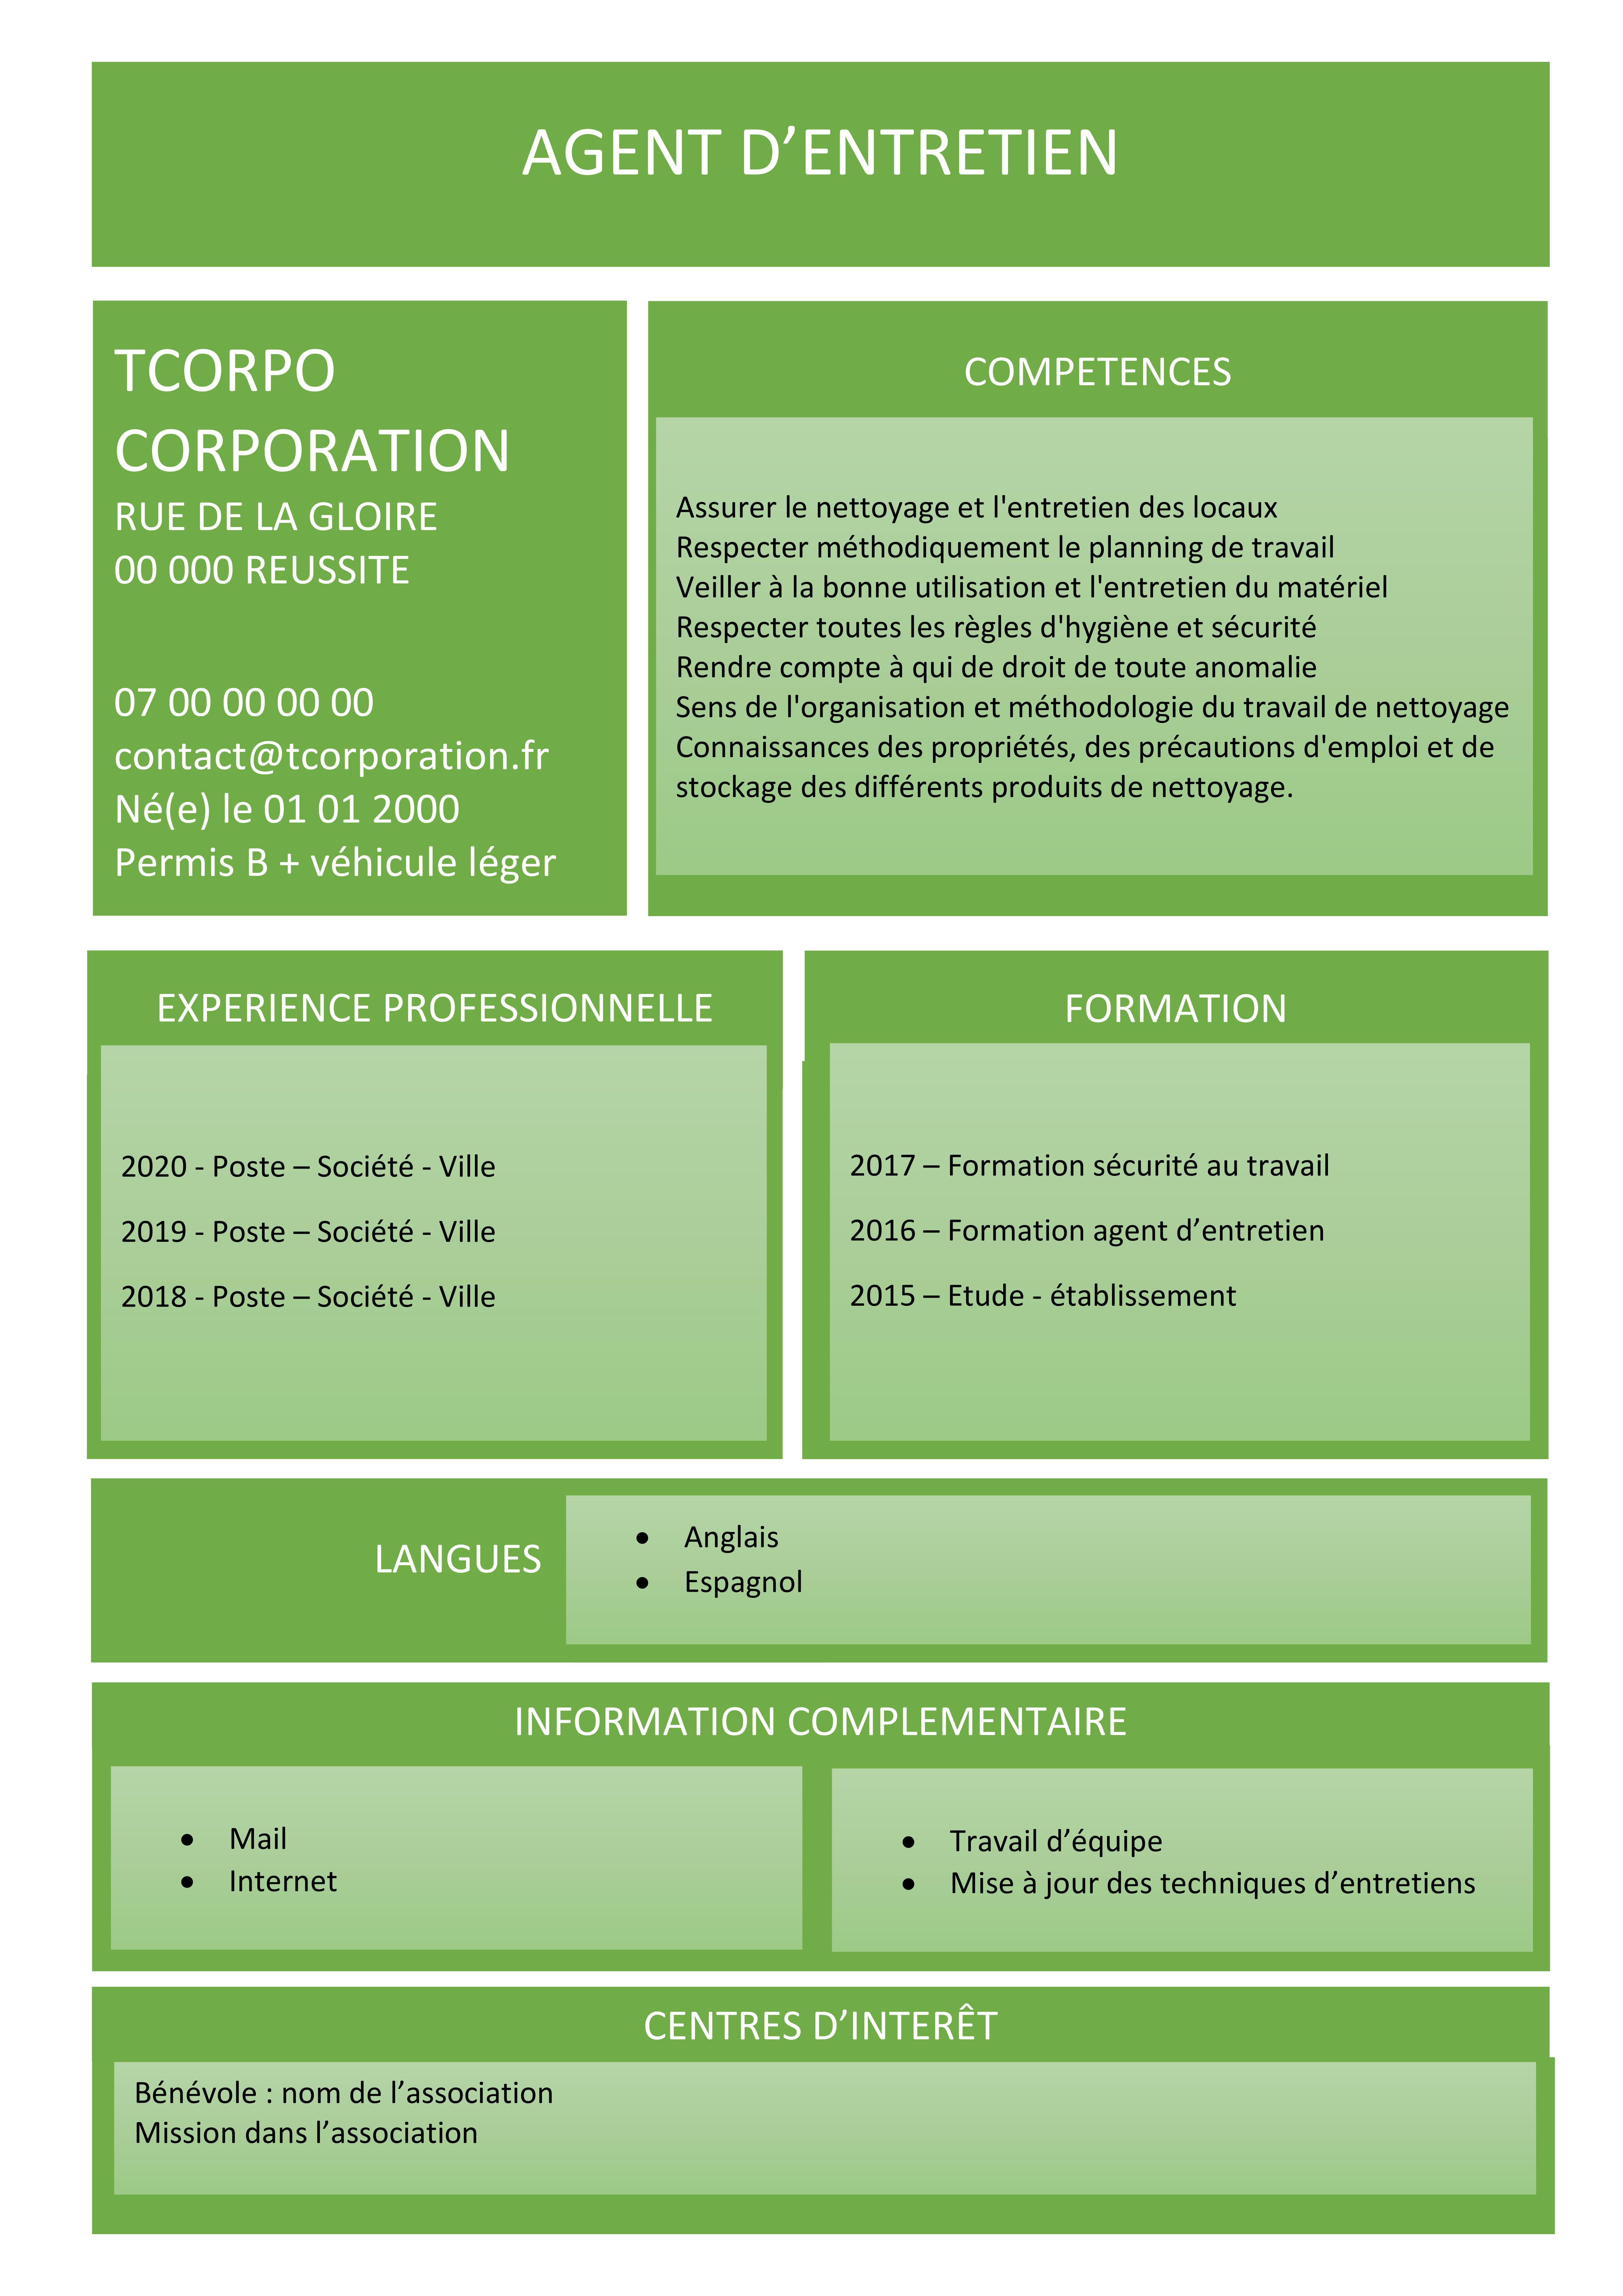 Agent D Entretien Cv Experiences Professionnelles Formations Competences Planning De Travail Hygiene Et Securite Entretien Des Locaux